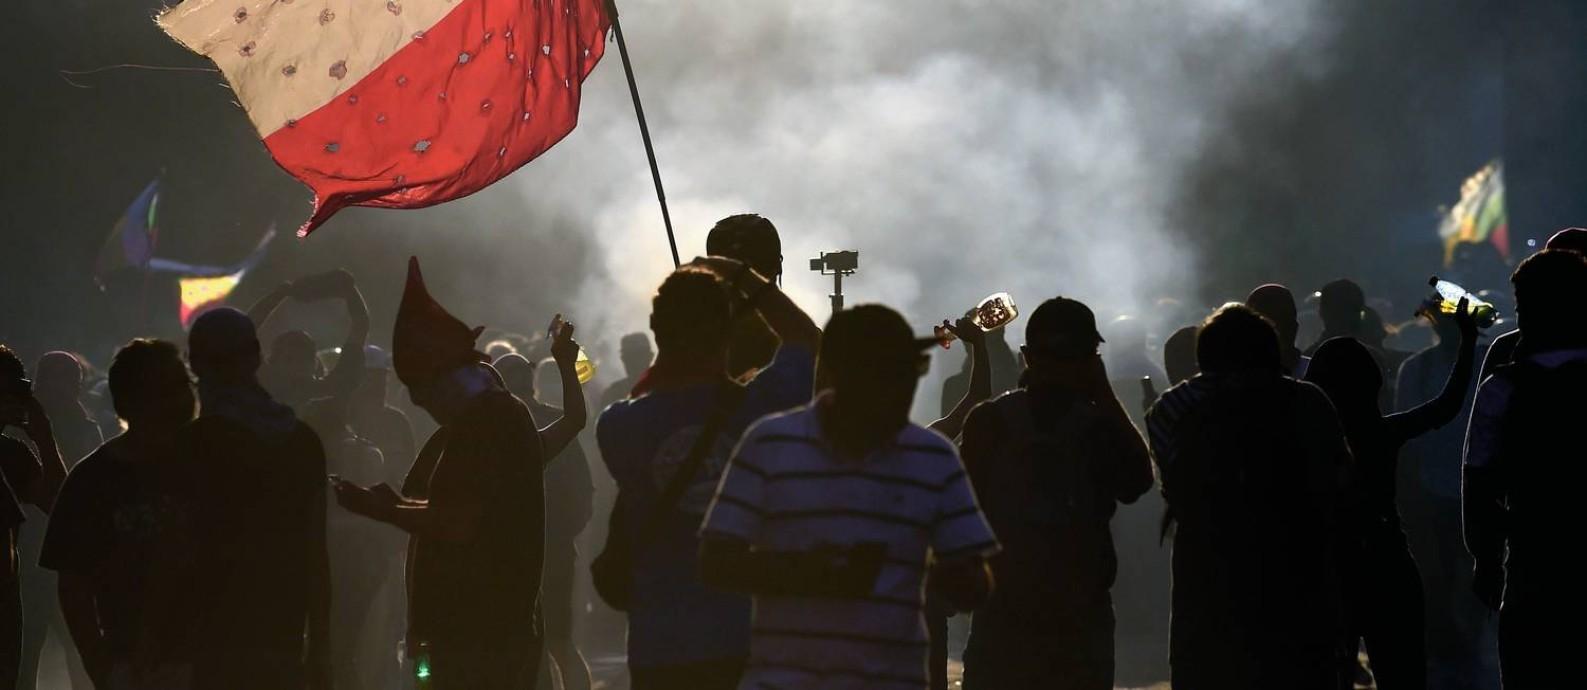 Os chilenos olham para a frente e temem aposentadorias pequenas, planos de saúde caros e o risco de voltar à pobreza. Para muitos, a saída foi tomar as ruas. Foto: Johan Ordonez / AFP